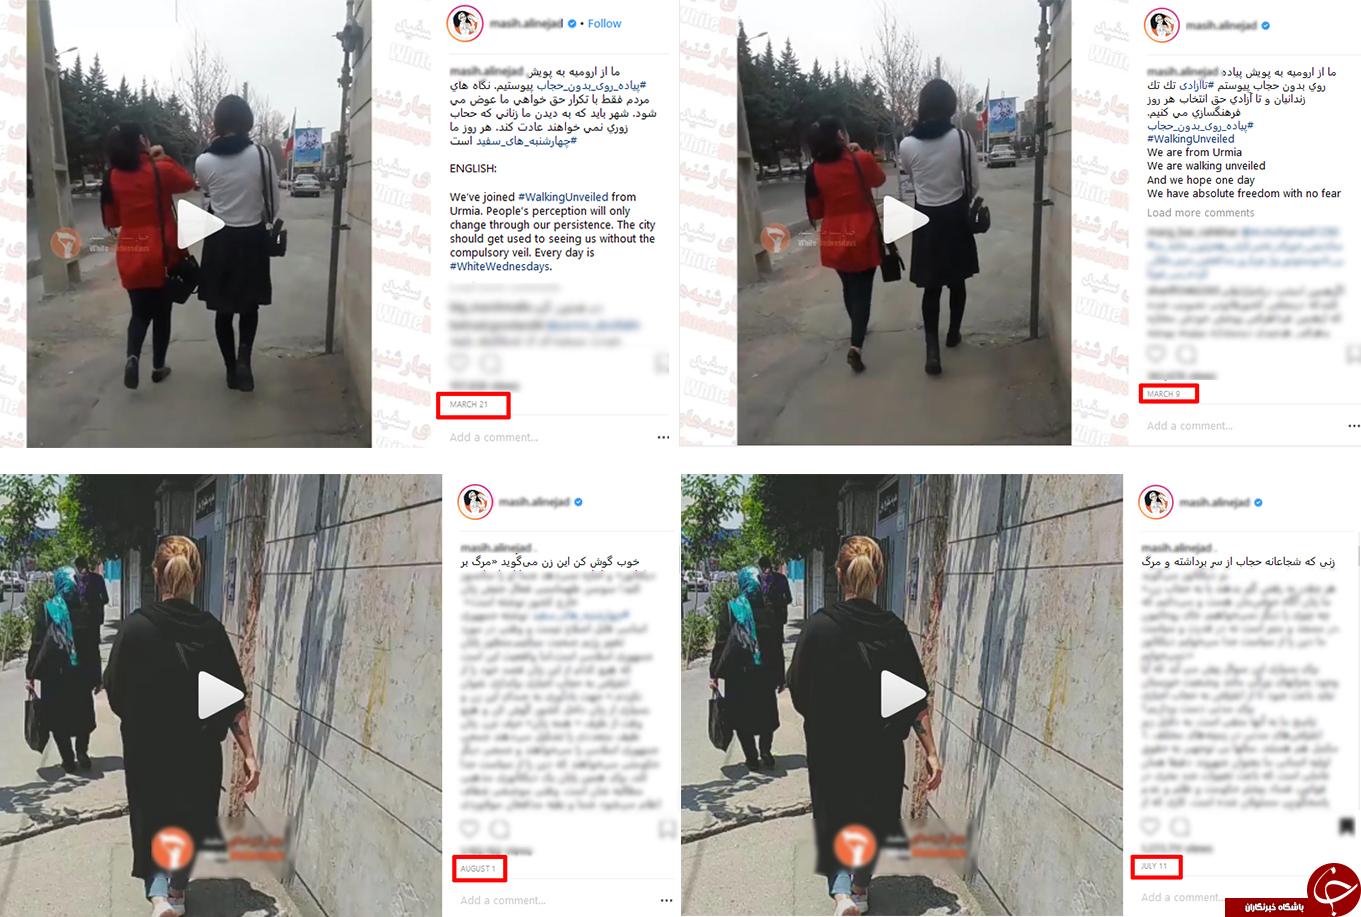 پشت پرده کلاه گشادی که «مسیح علینژاد» بر سر فالوورها و کارفرمایانش میگذارد!+ تصاویر